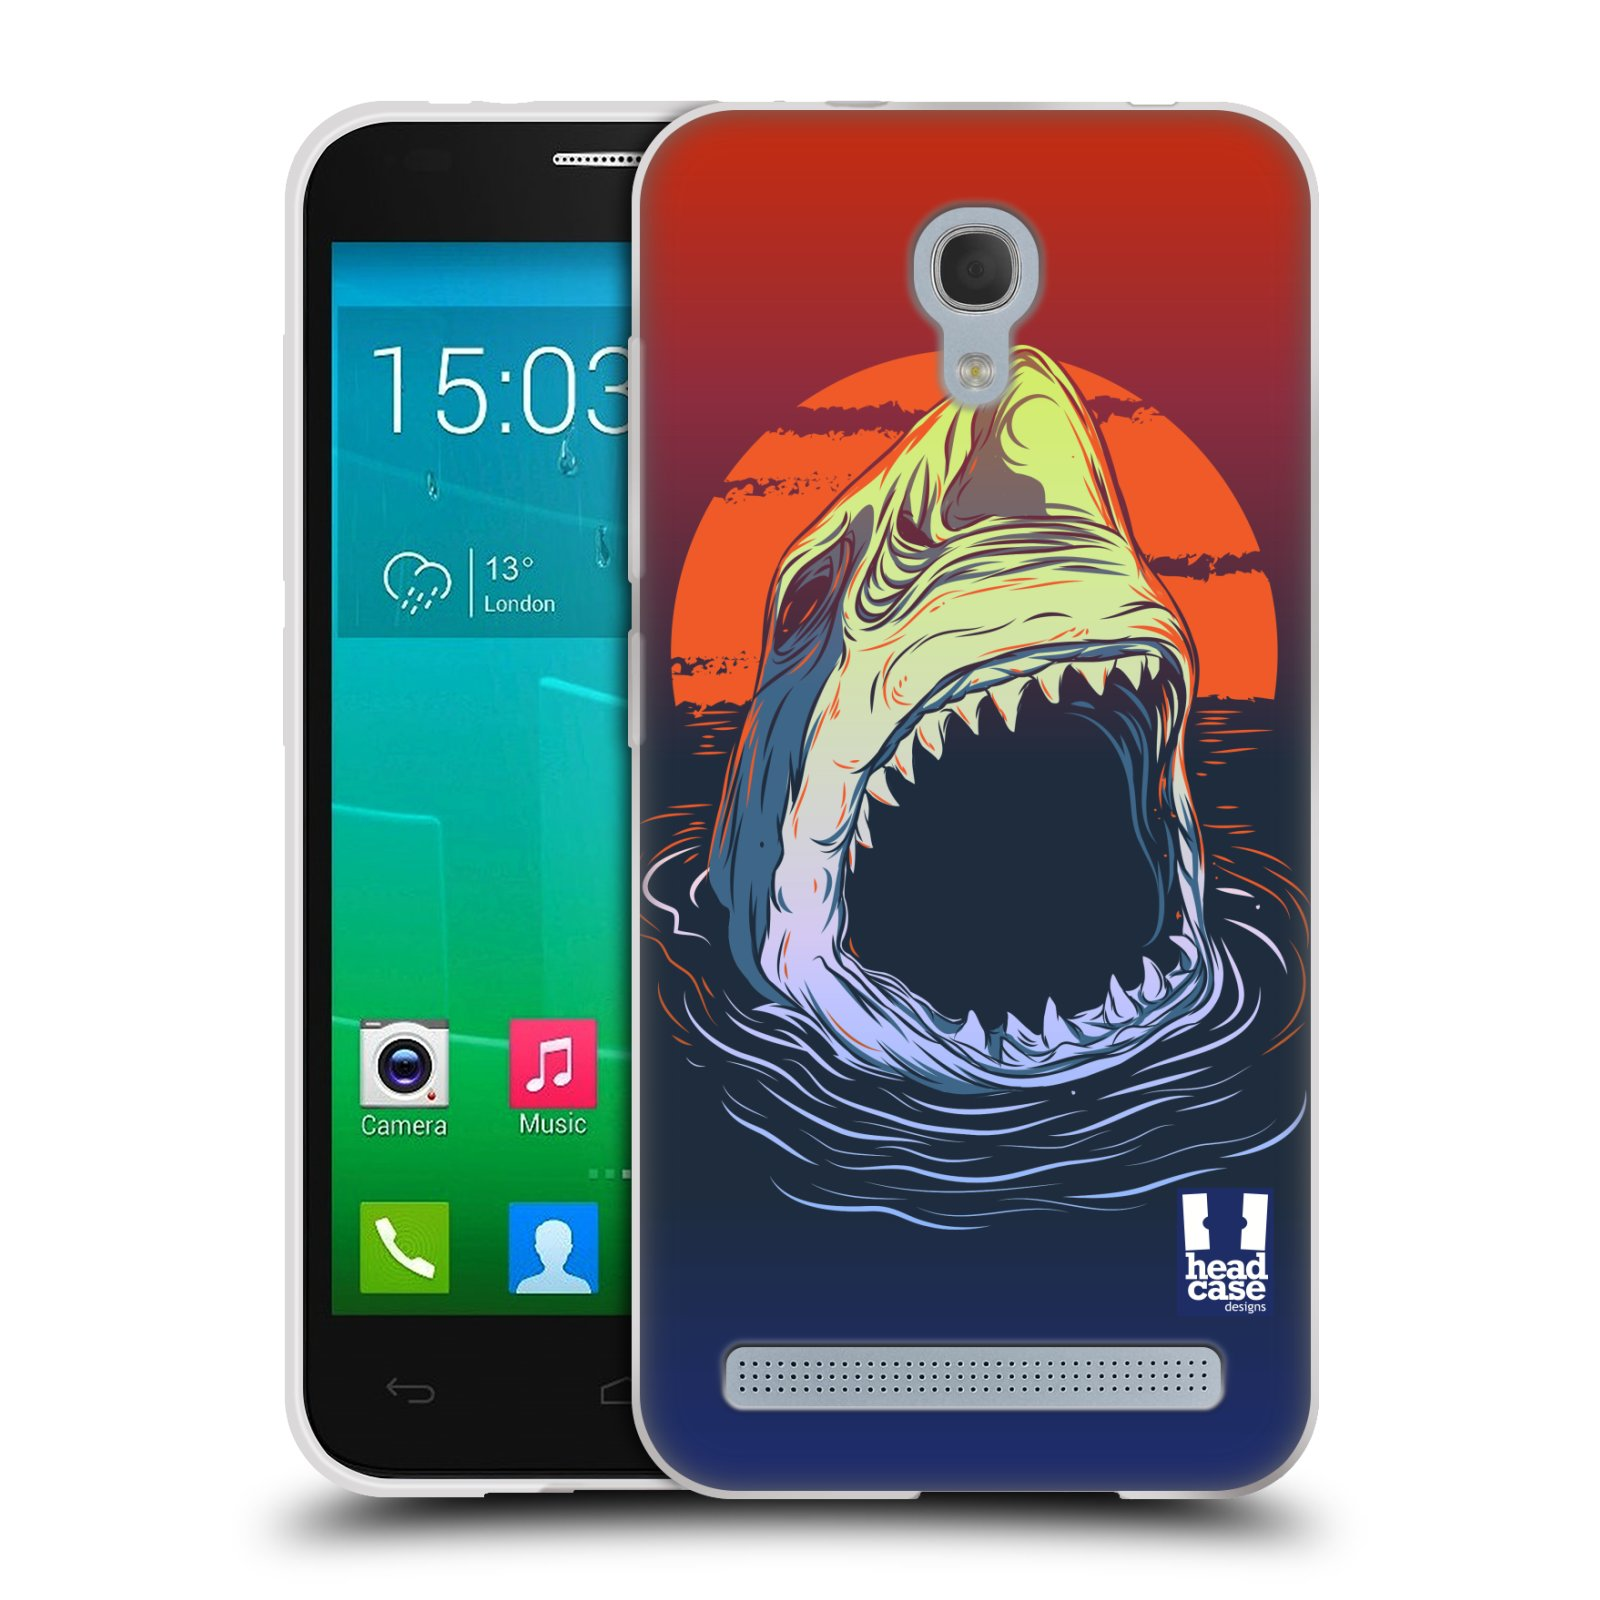 HEAD CASE silikonový obal na mobil Alcatel Idol 2 MINI S 6036Y vzor mořská monstra žralok